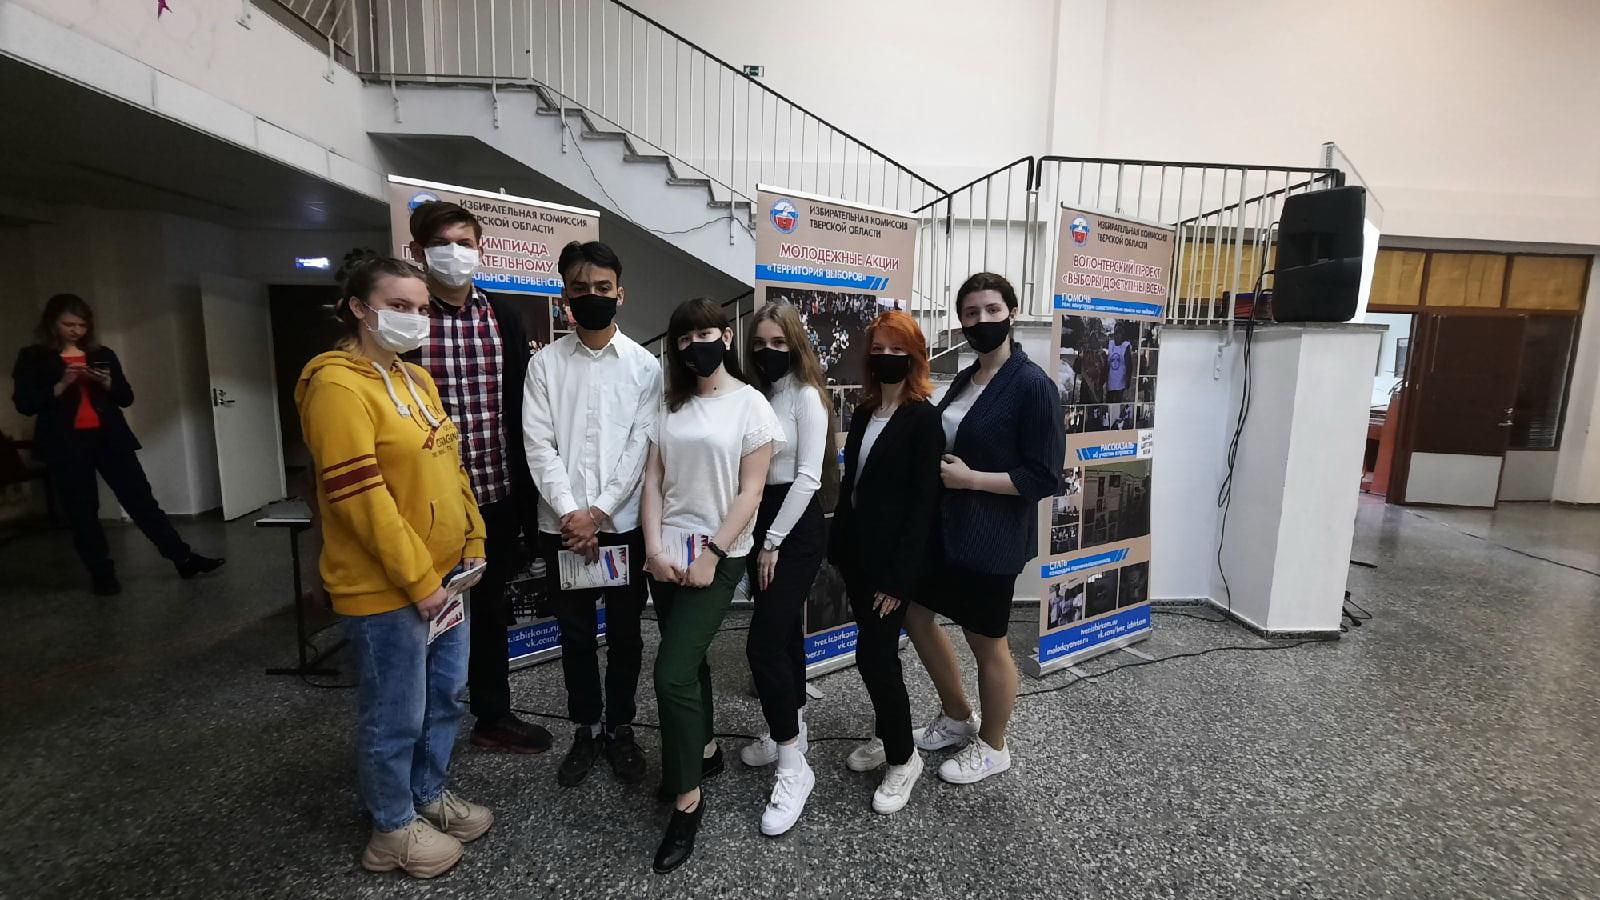 Социальную и электоральную активность молодежи обсудили в Тверской области